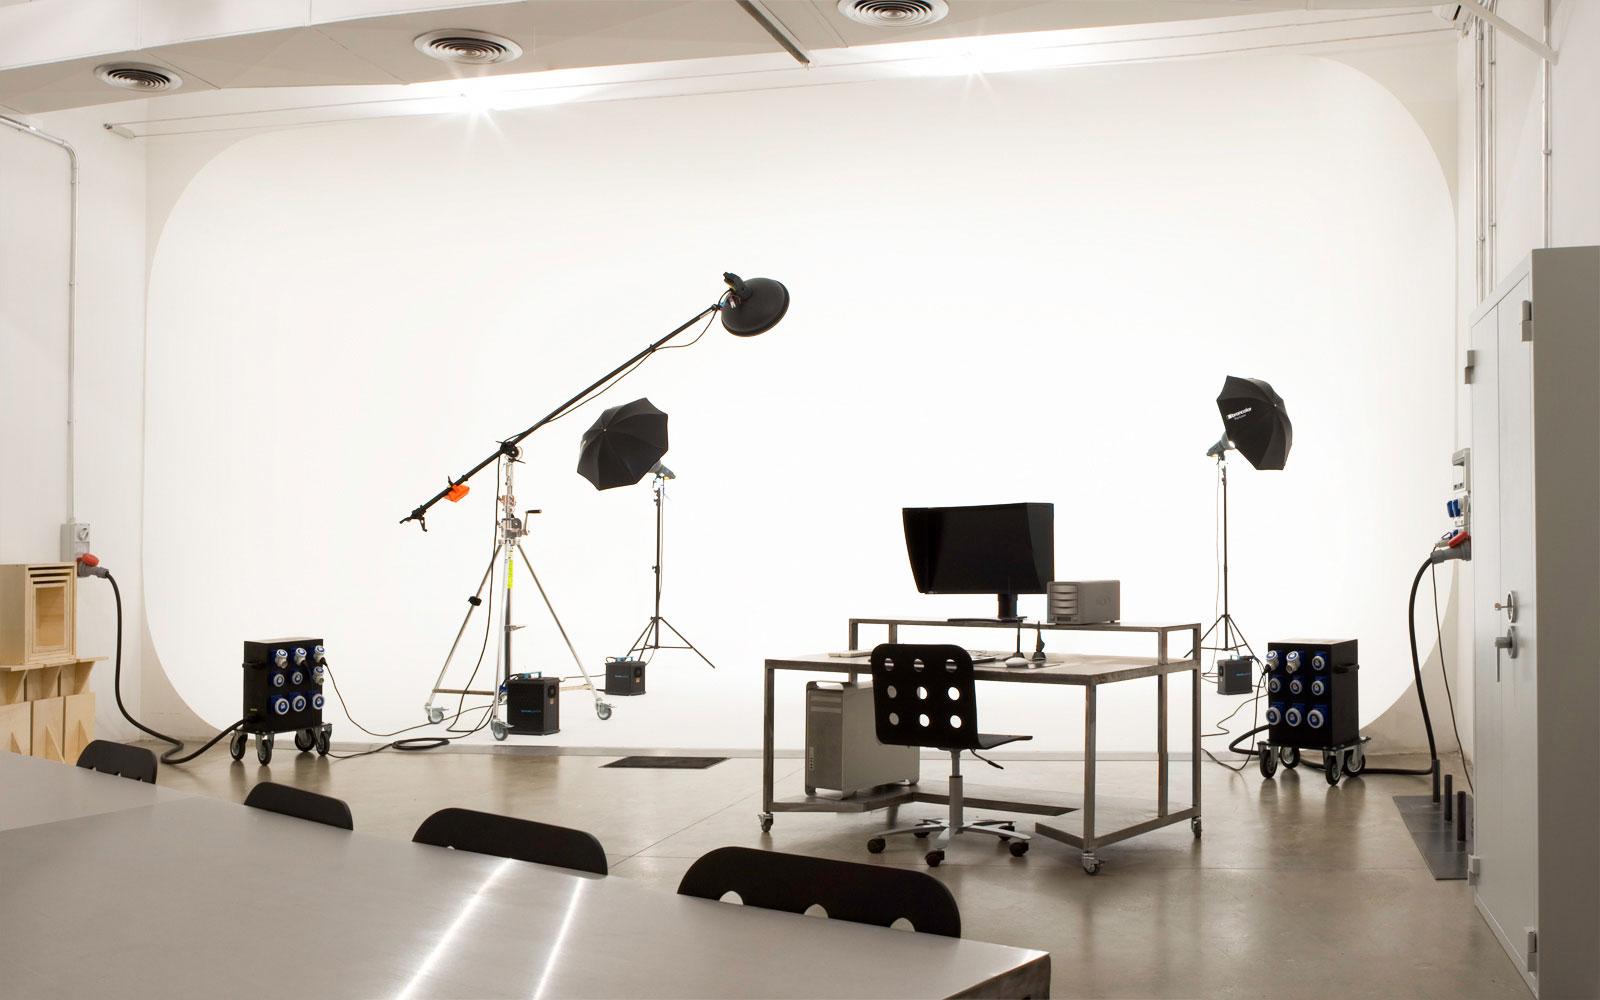 Studio-One